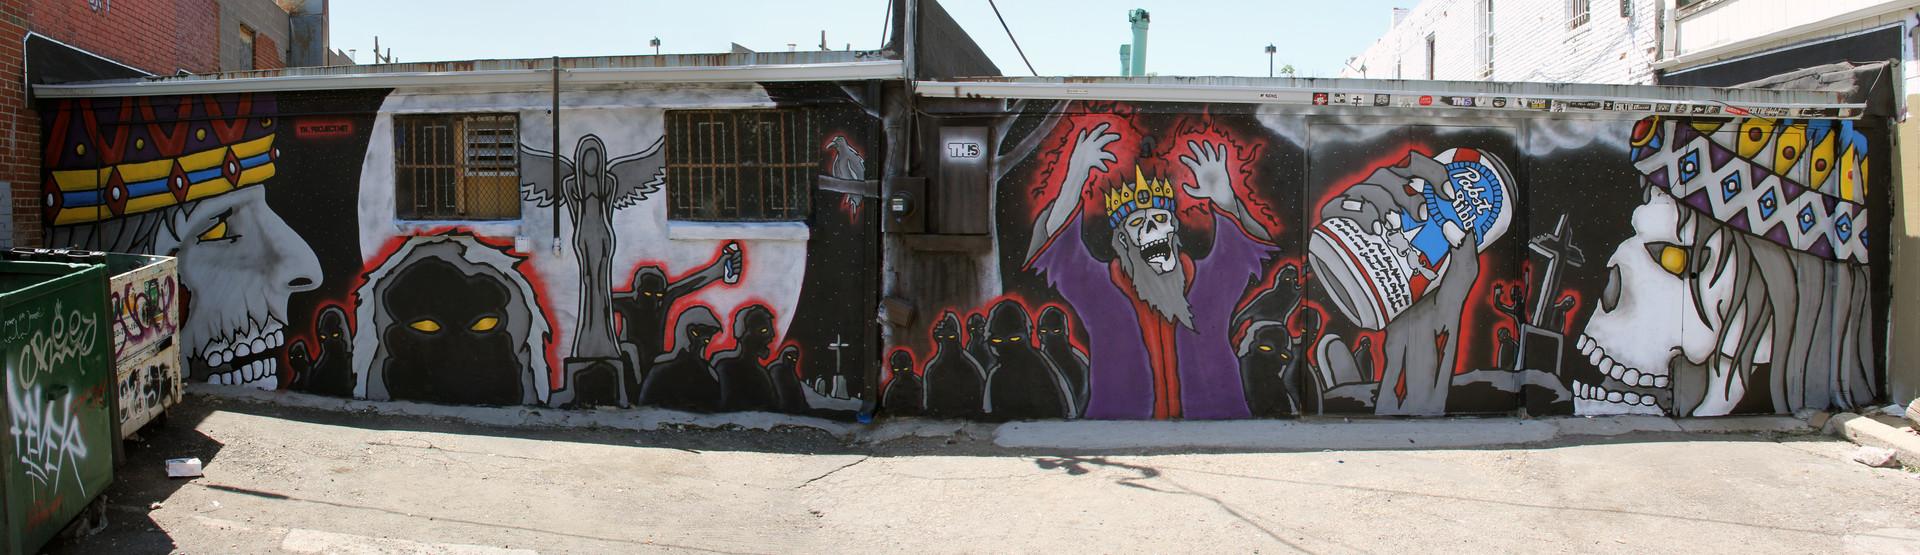 3 KIngs Mural.jpg